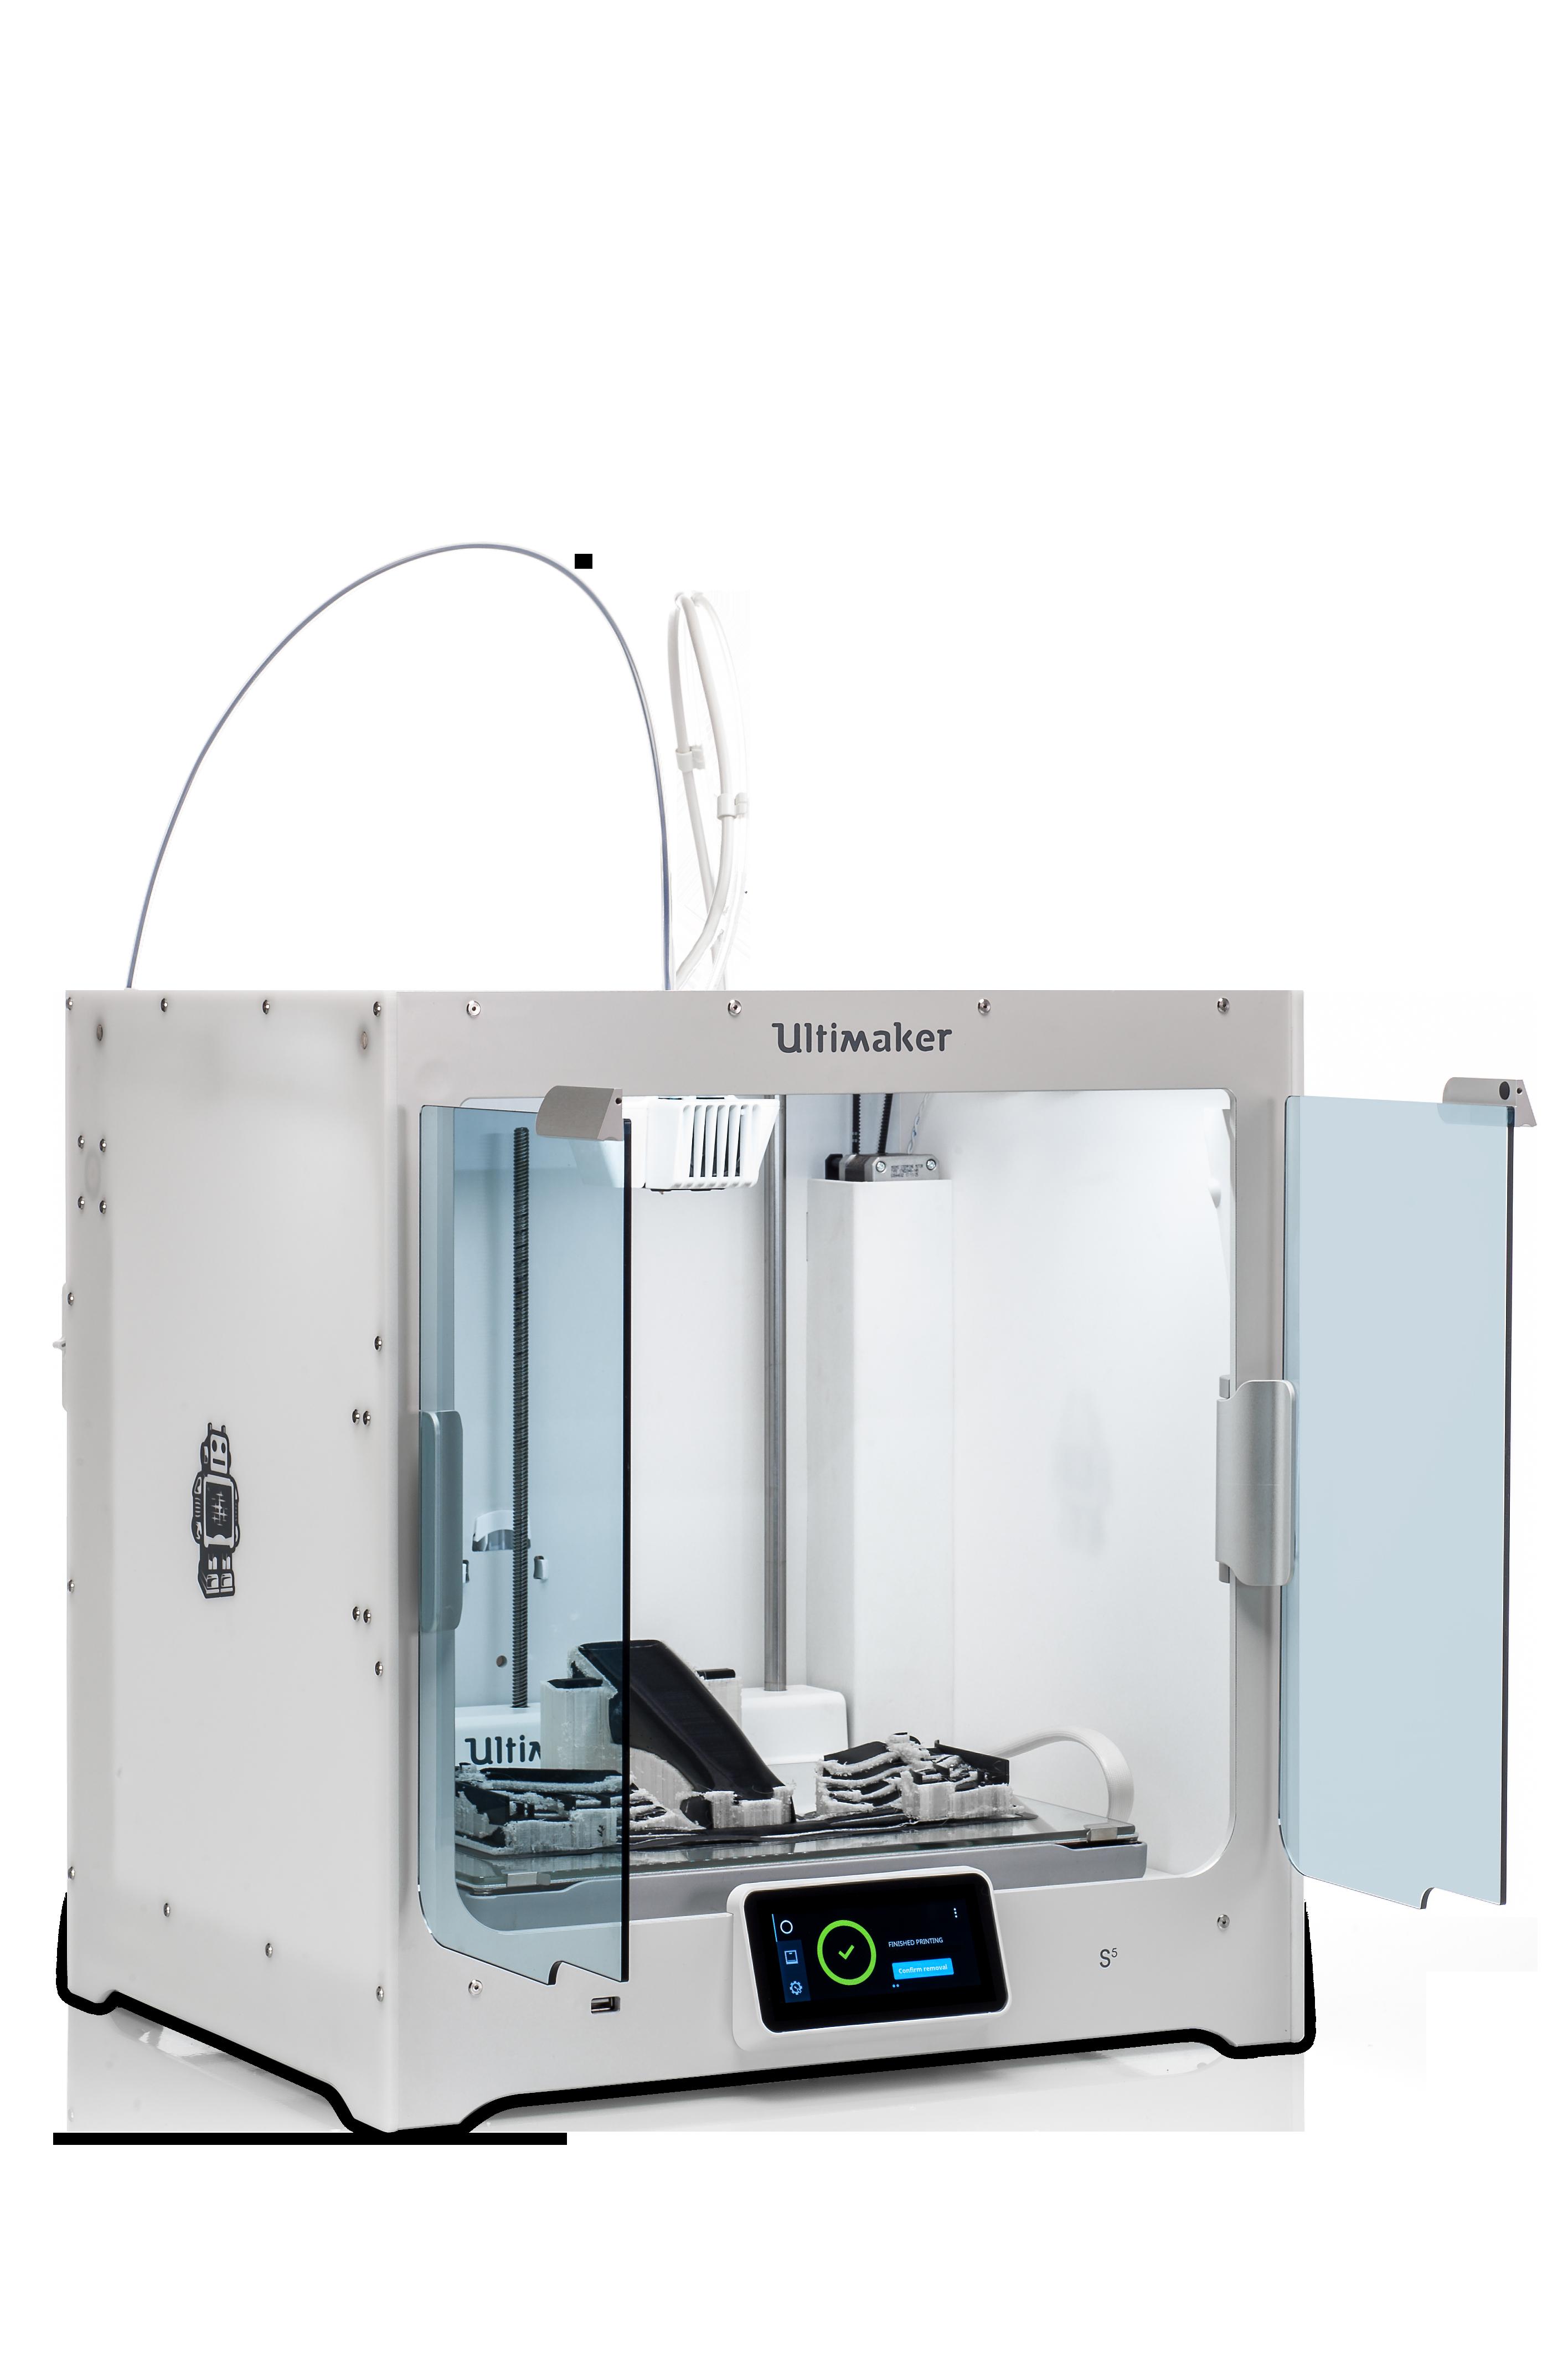 Ultimaker sube el listón de la impresión 3D profesional con Ultimaker S5